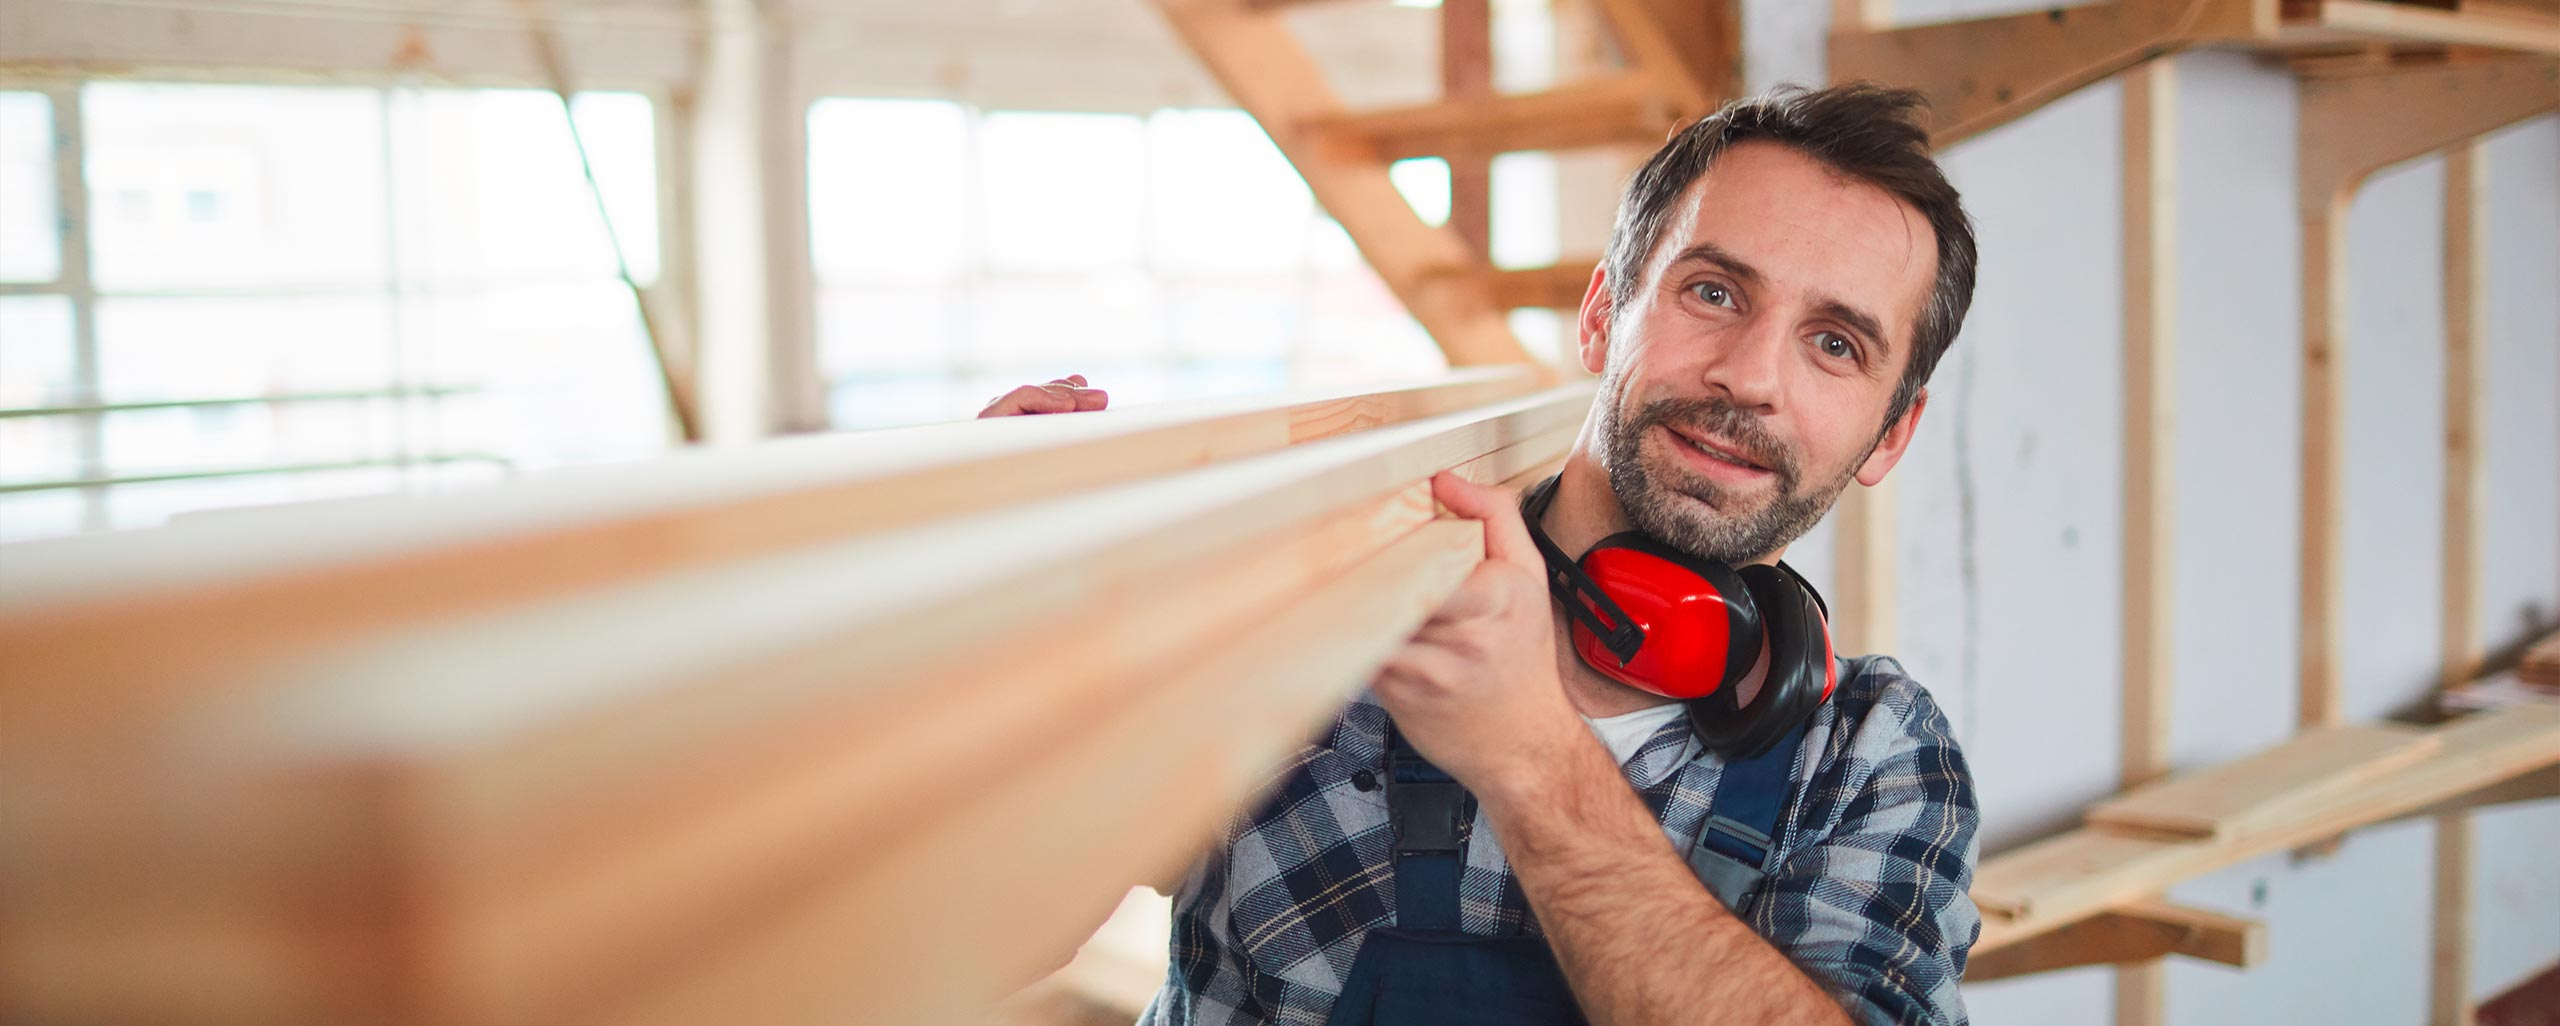 BWE in Unterschleißheim sucht nach freiberuflichen Handwerkern.